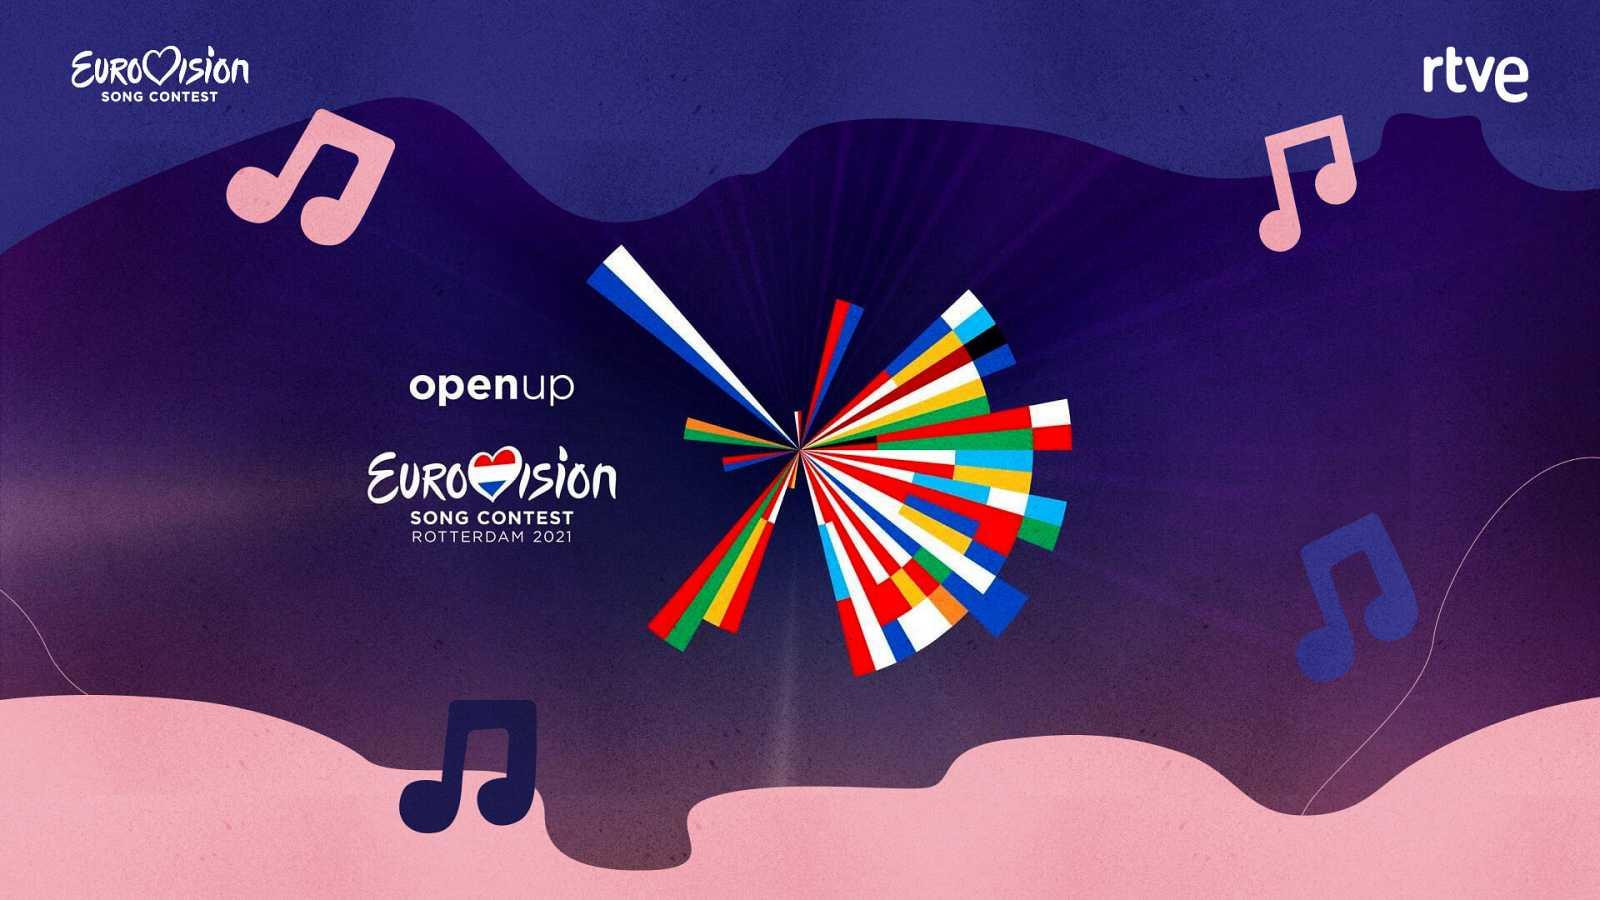 ¿Crees que lo sabes todo de Eurovisión? ¡Haz el trivial de nivel novato para saberlo!